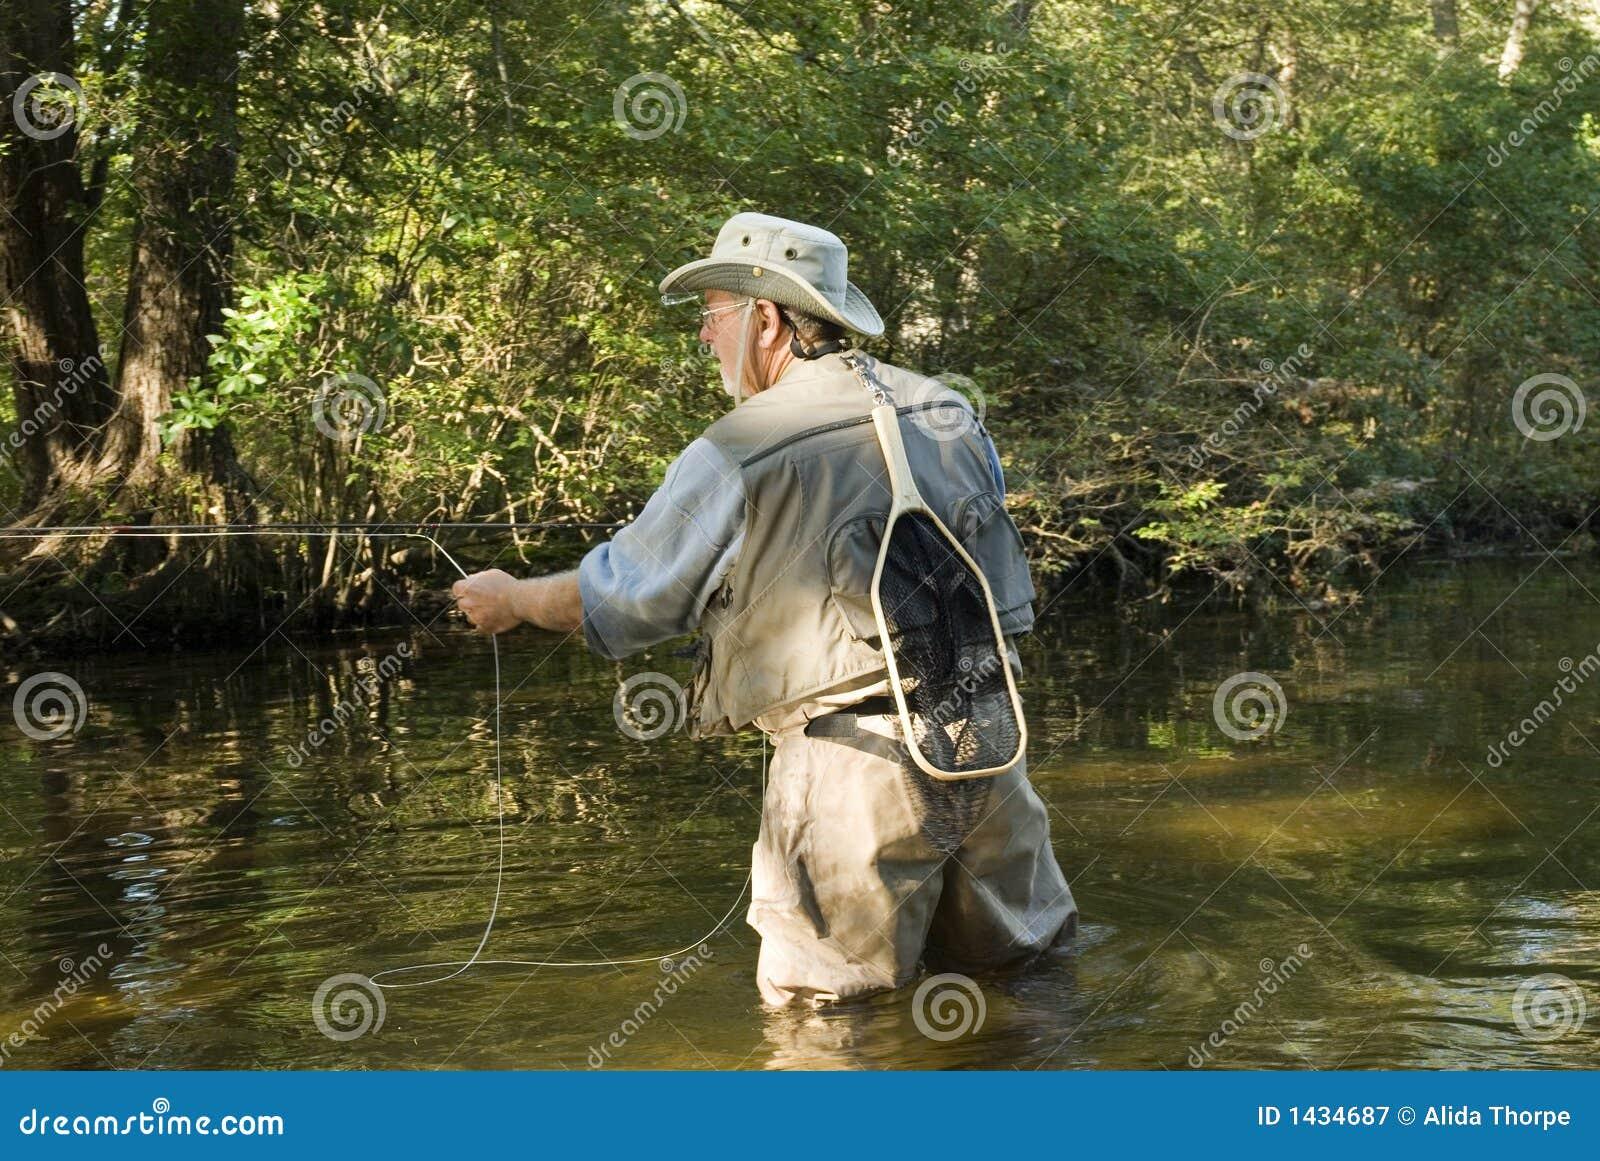 De visser van de vlieg met netto